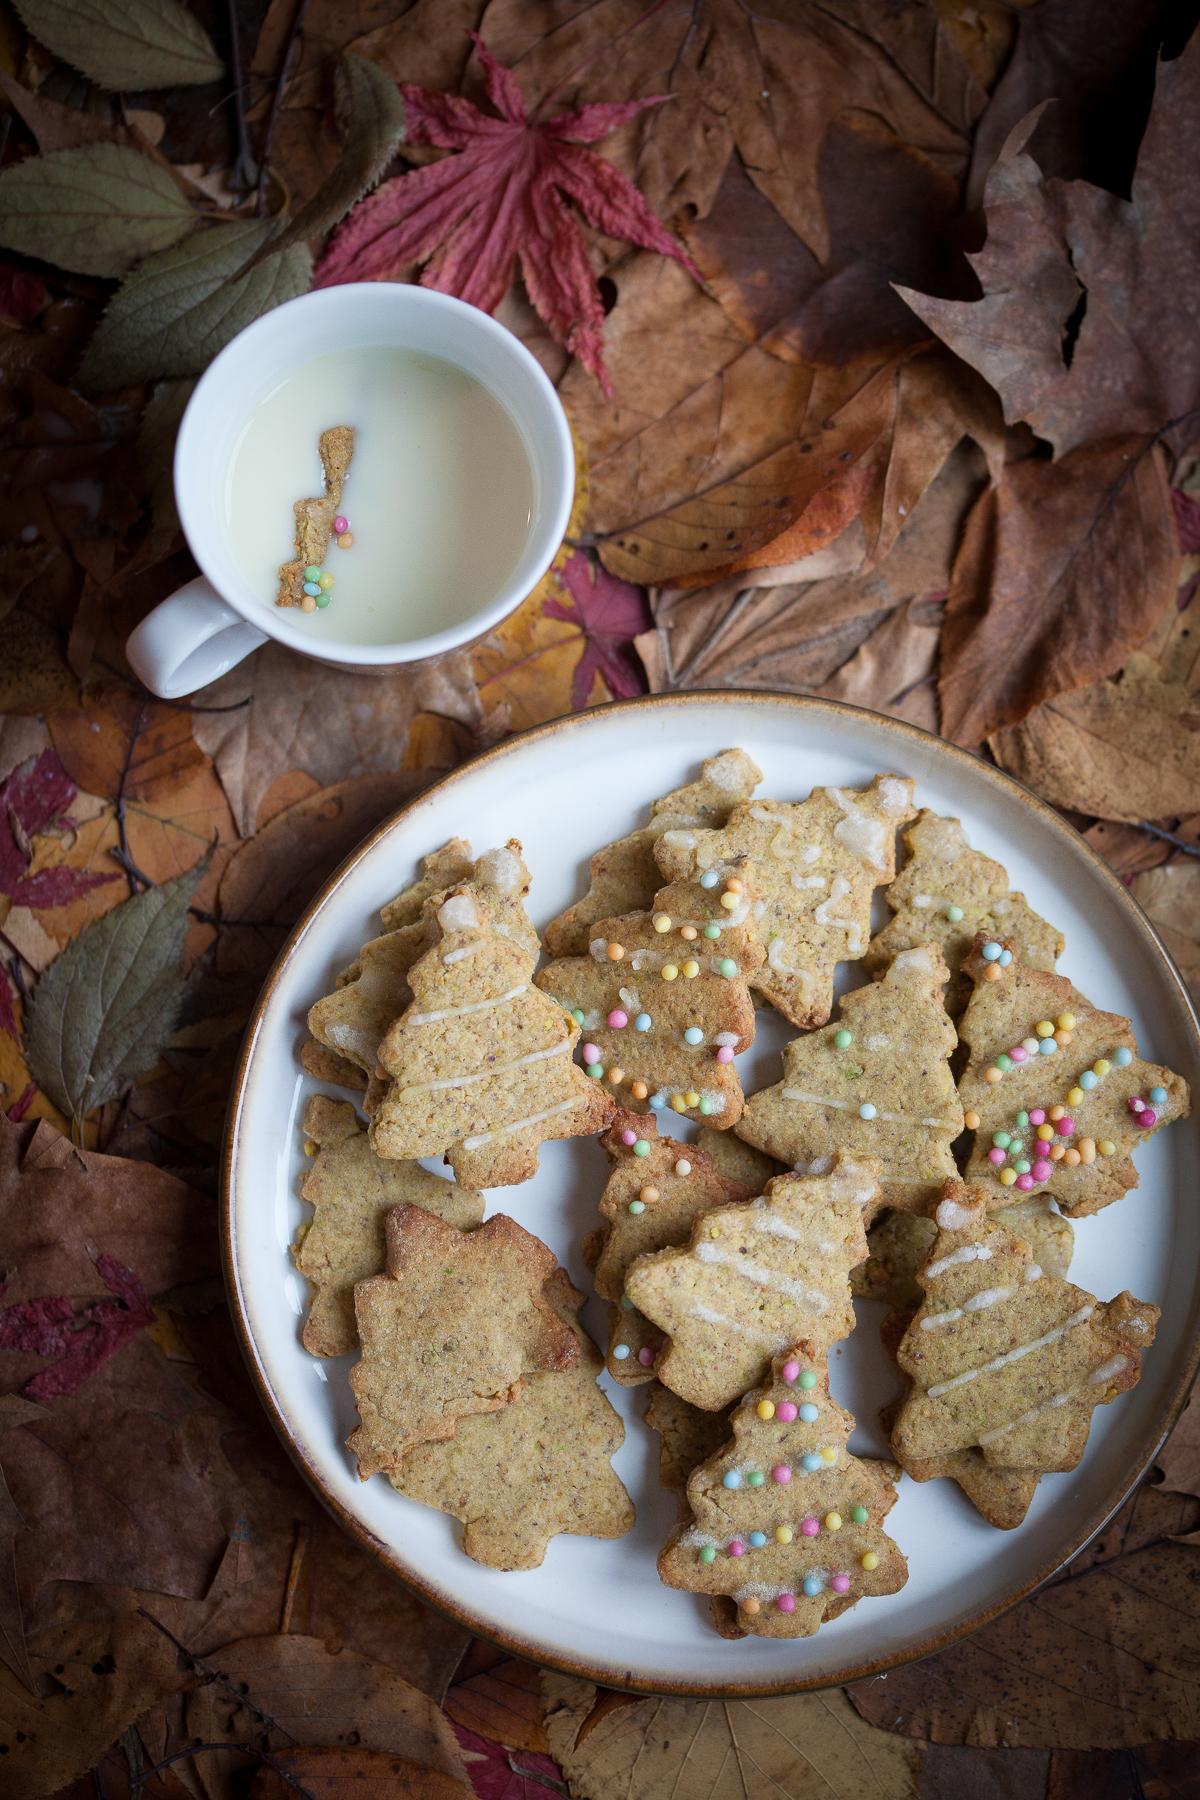 Frollini di Natale ai pistacchi e zenzero